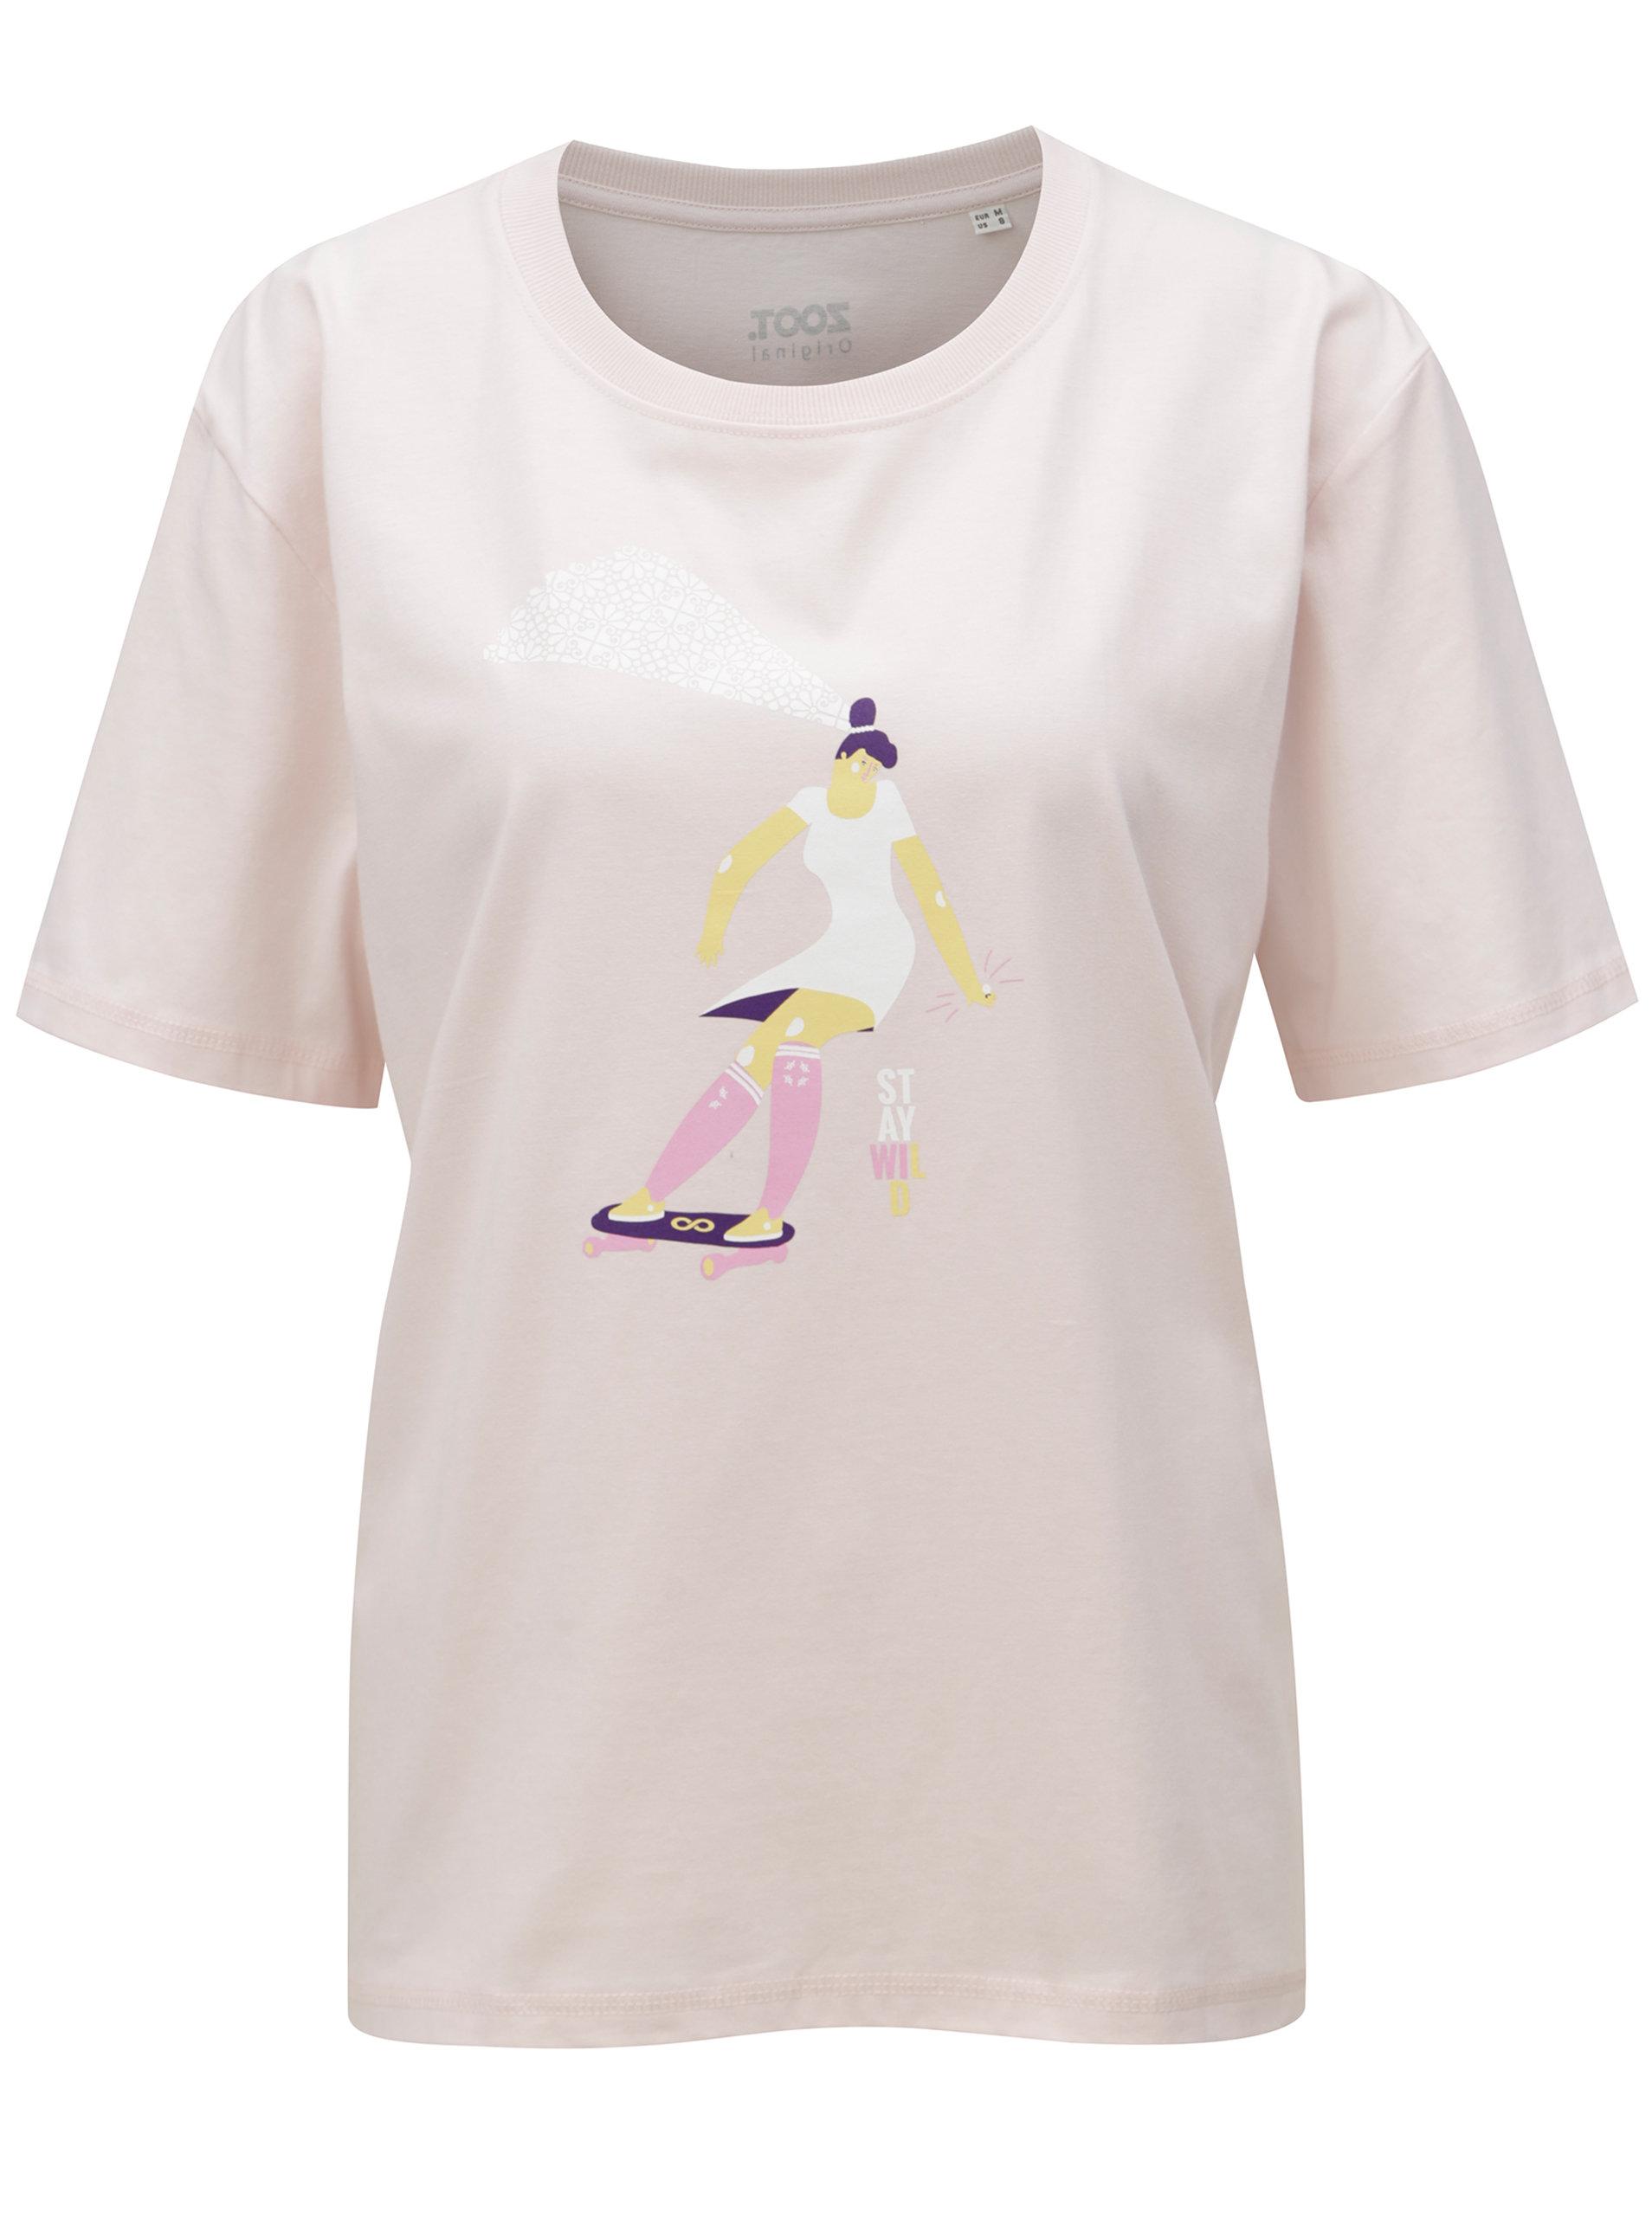 30e0011c496b Světle růžové dámské tričko s potiskem ZOOT Stay wild ...